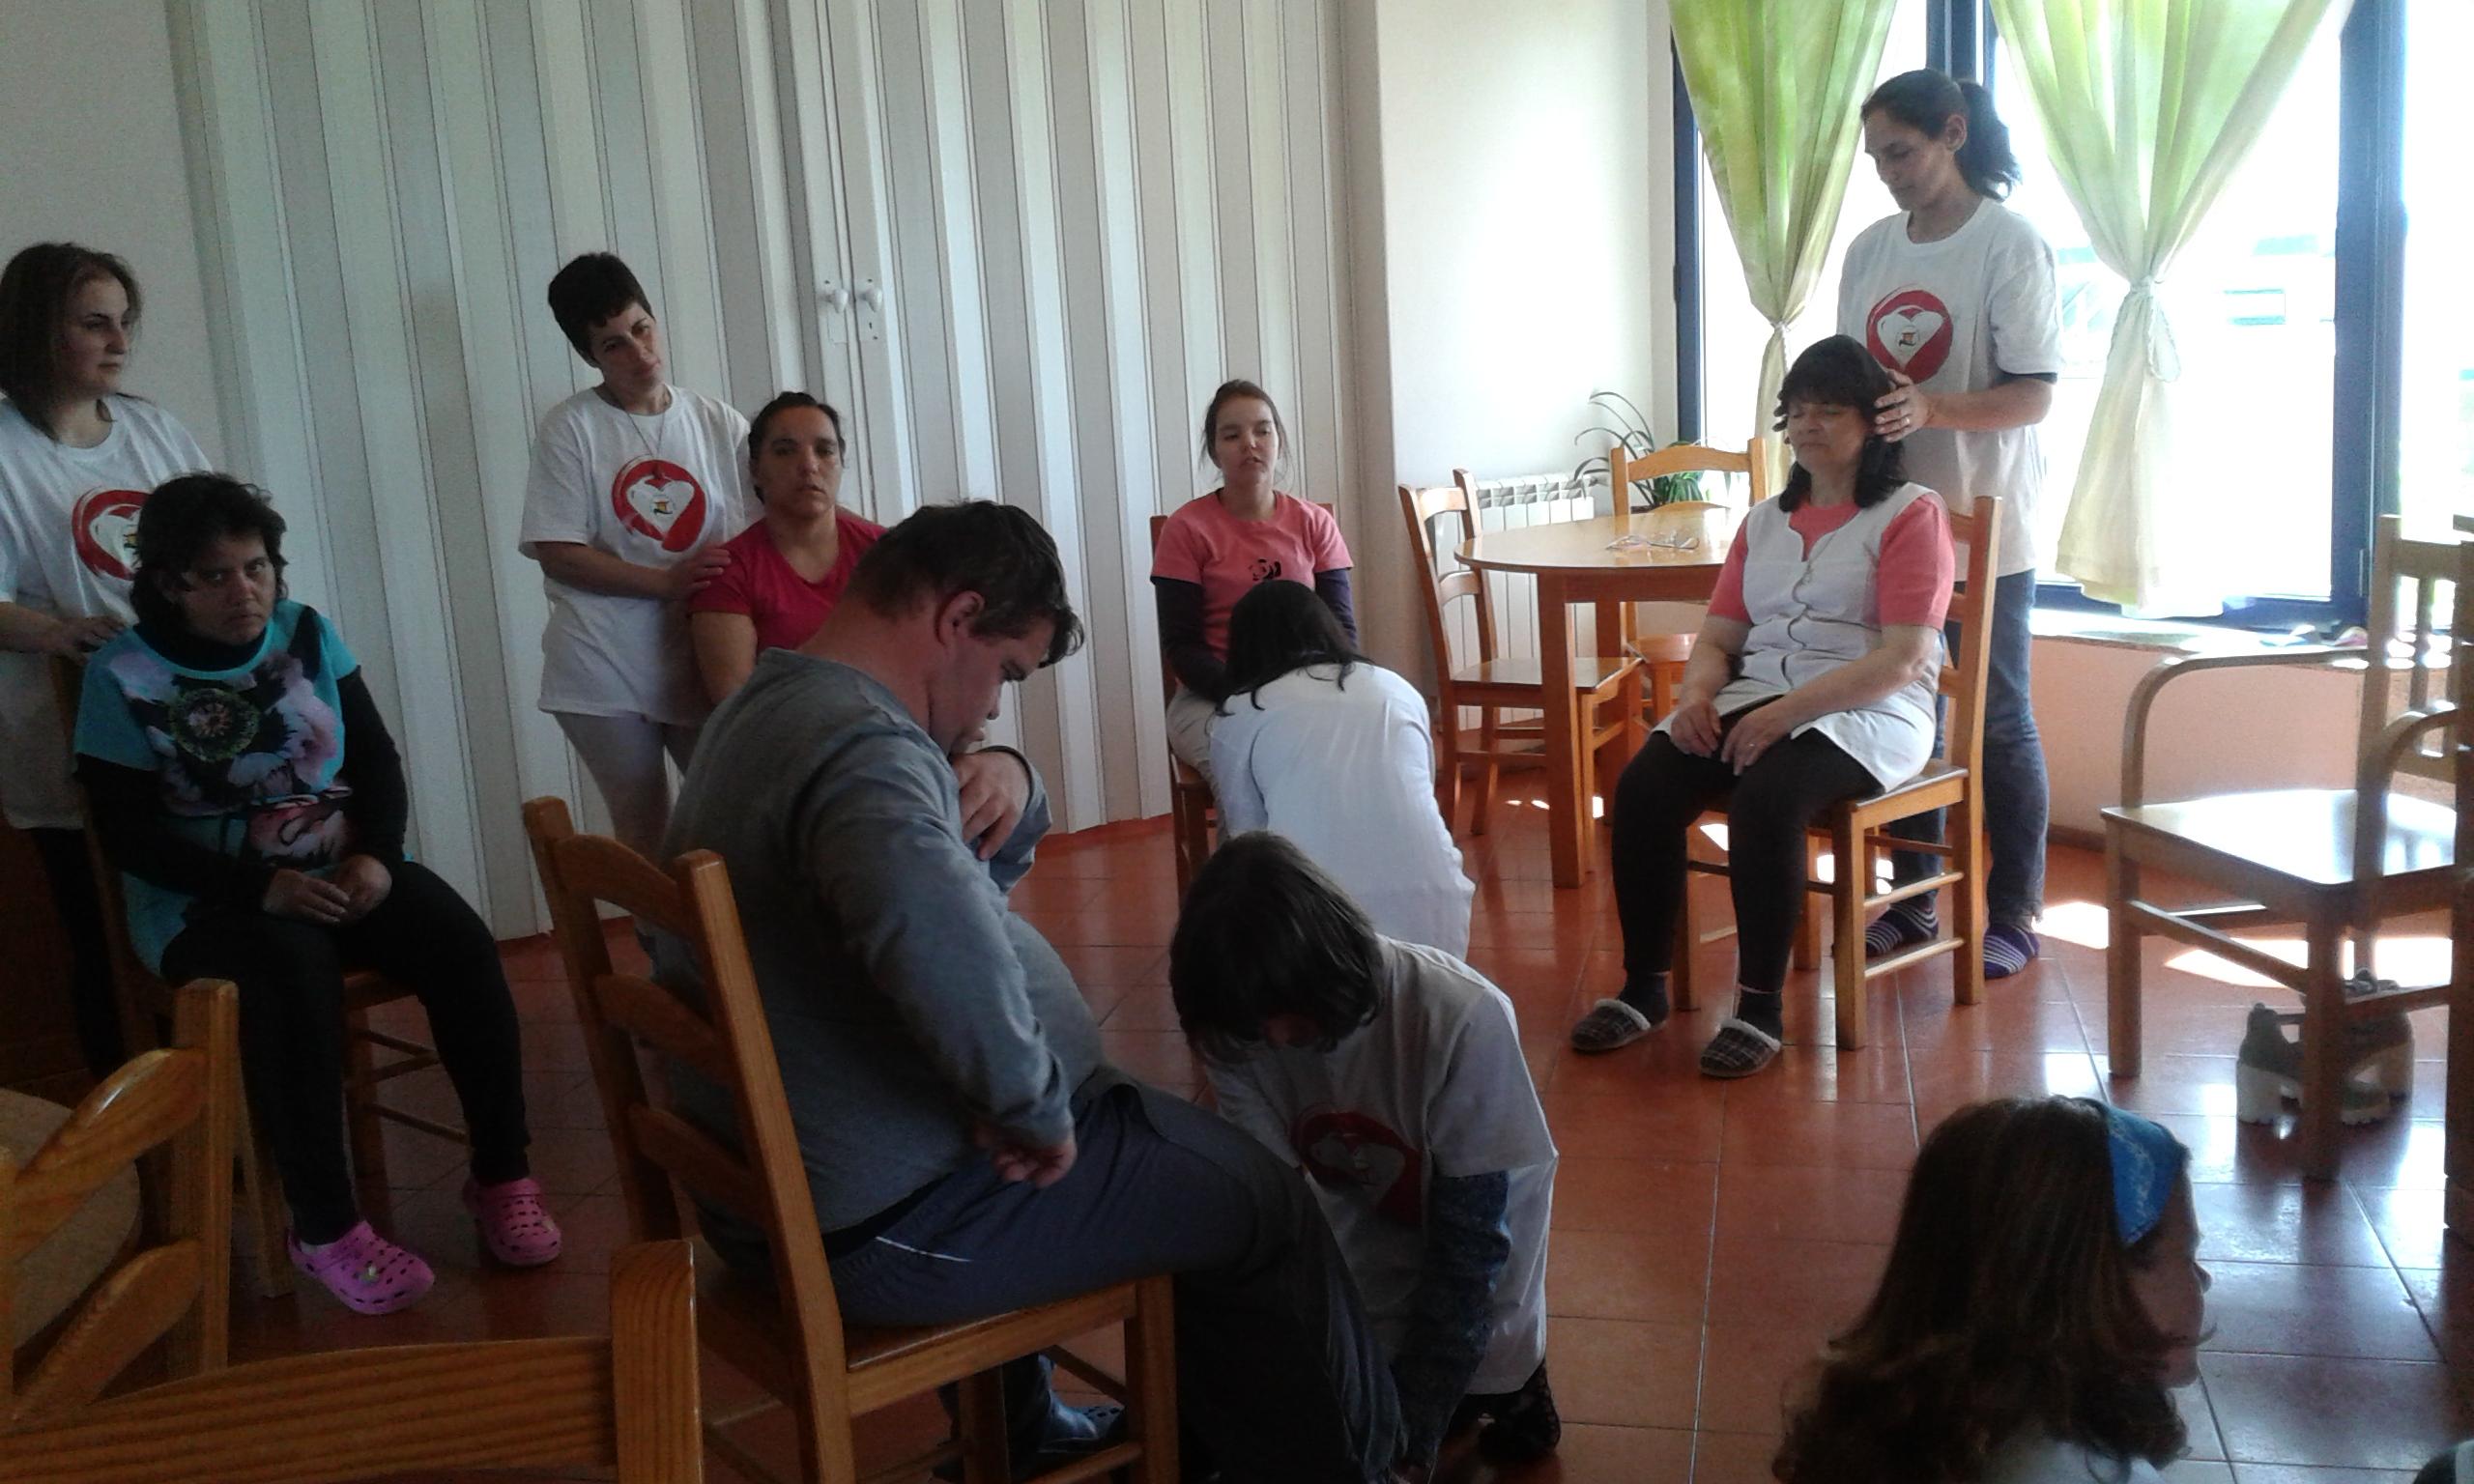 Sessões de Voluntariado pelo Núcleo da Guarda na ASTA (Associação Sócio Terapêutica de Almeida)